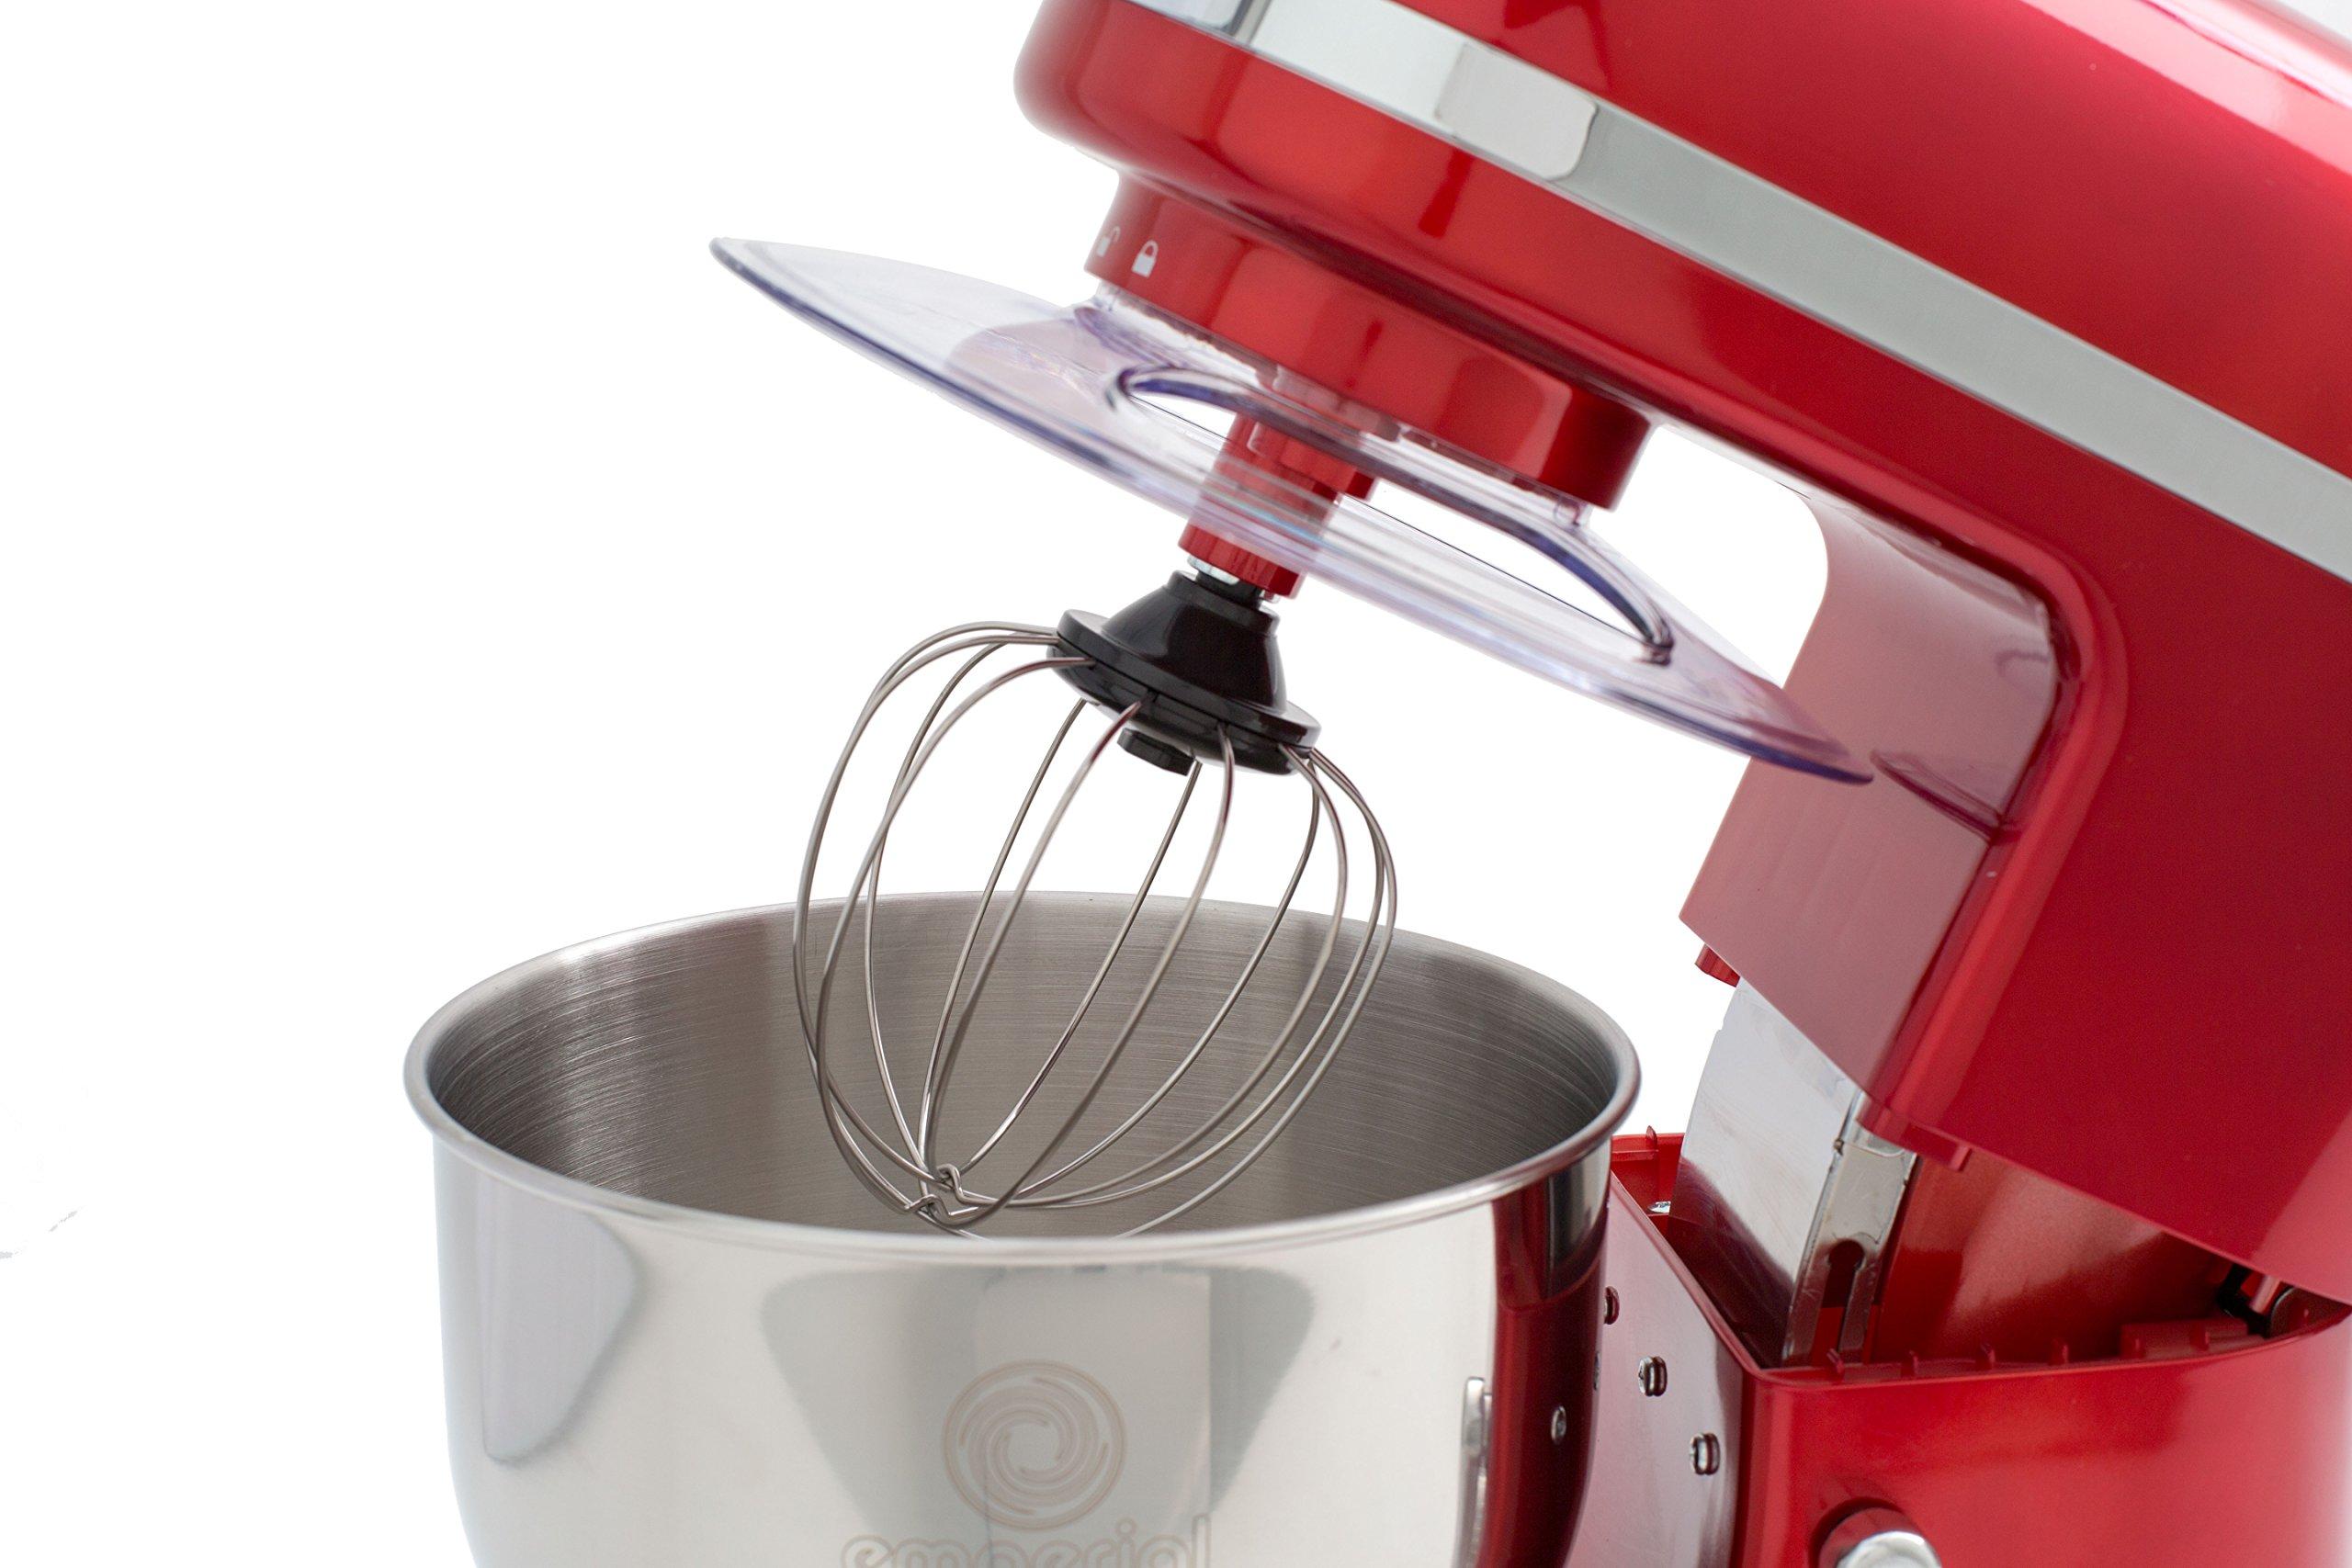 Emperial Stand Mixer 5.2 Litre Bowl, Splash Guard, Dough